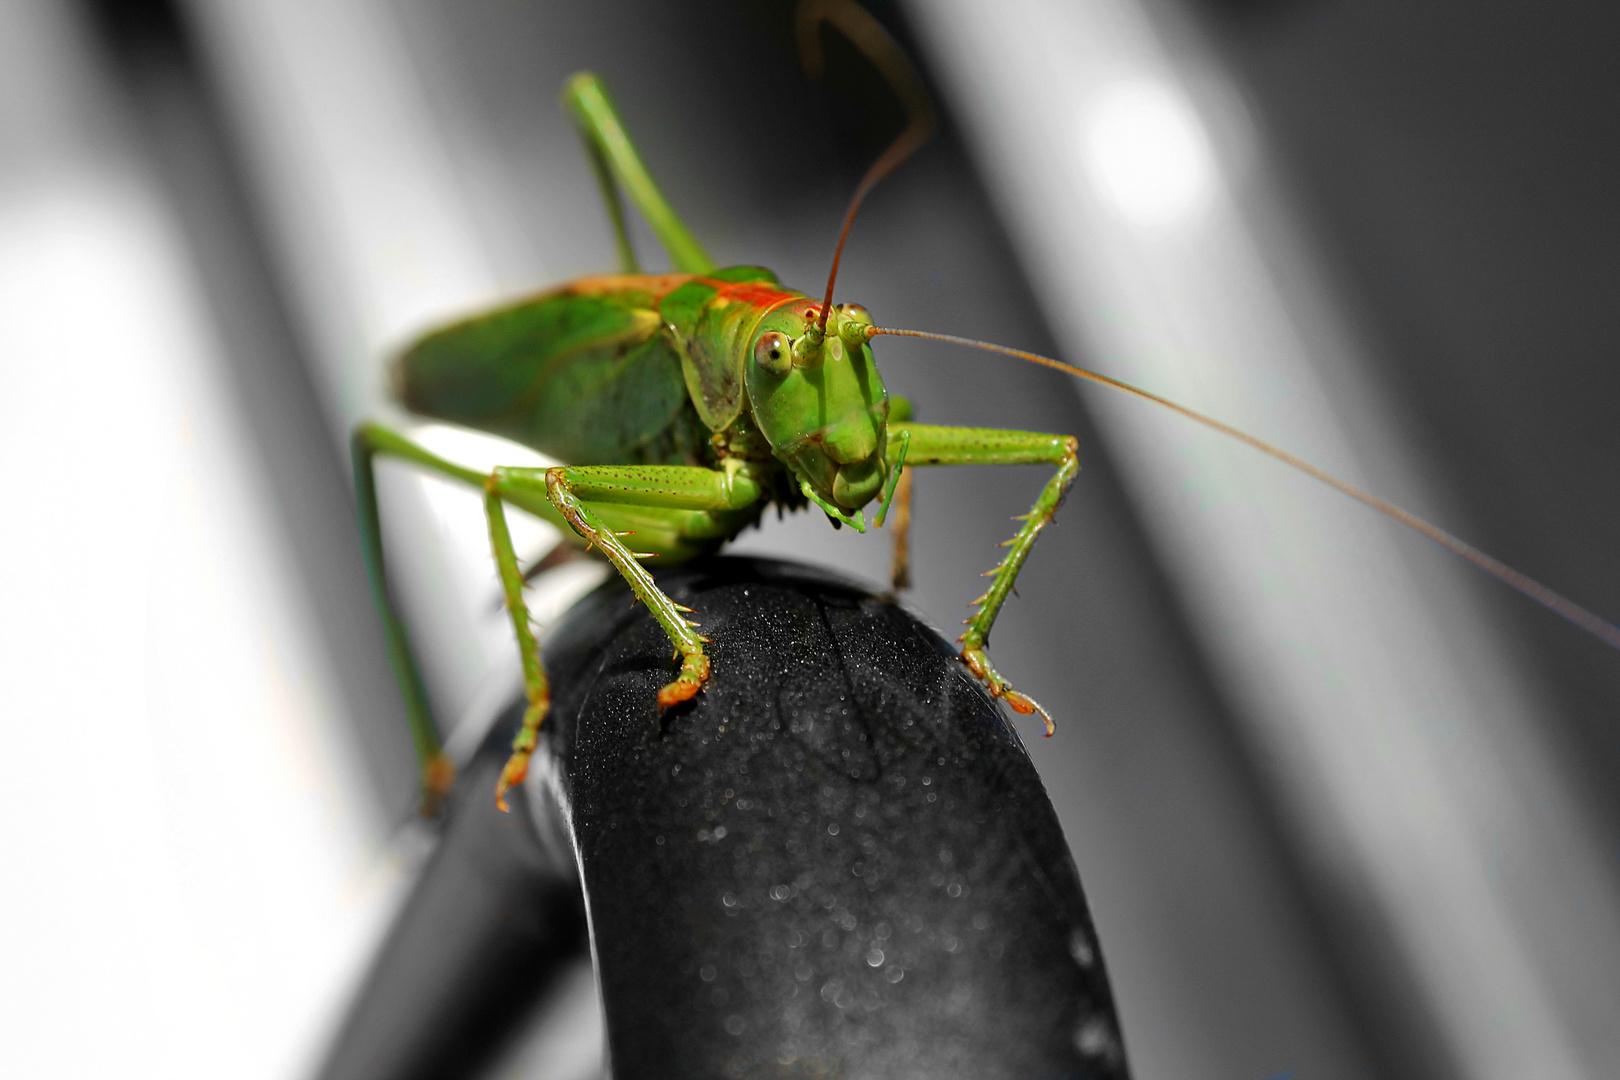 Der grüne Freund